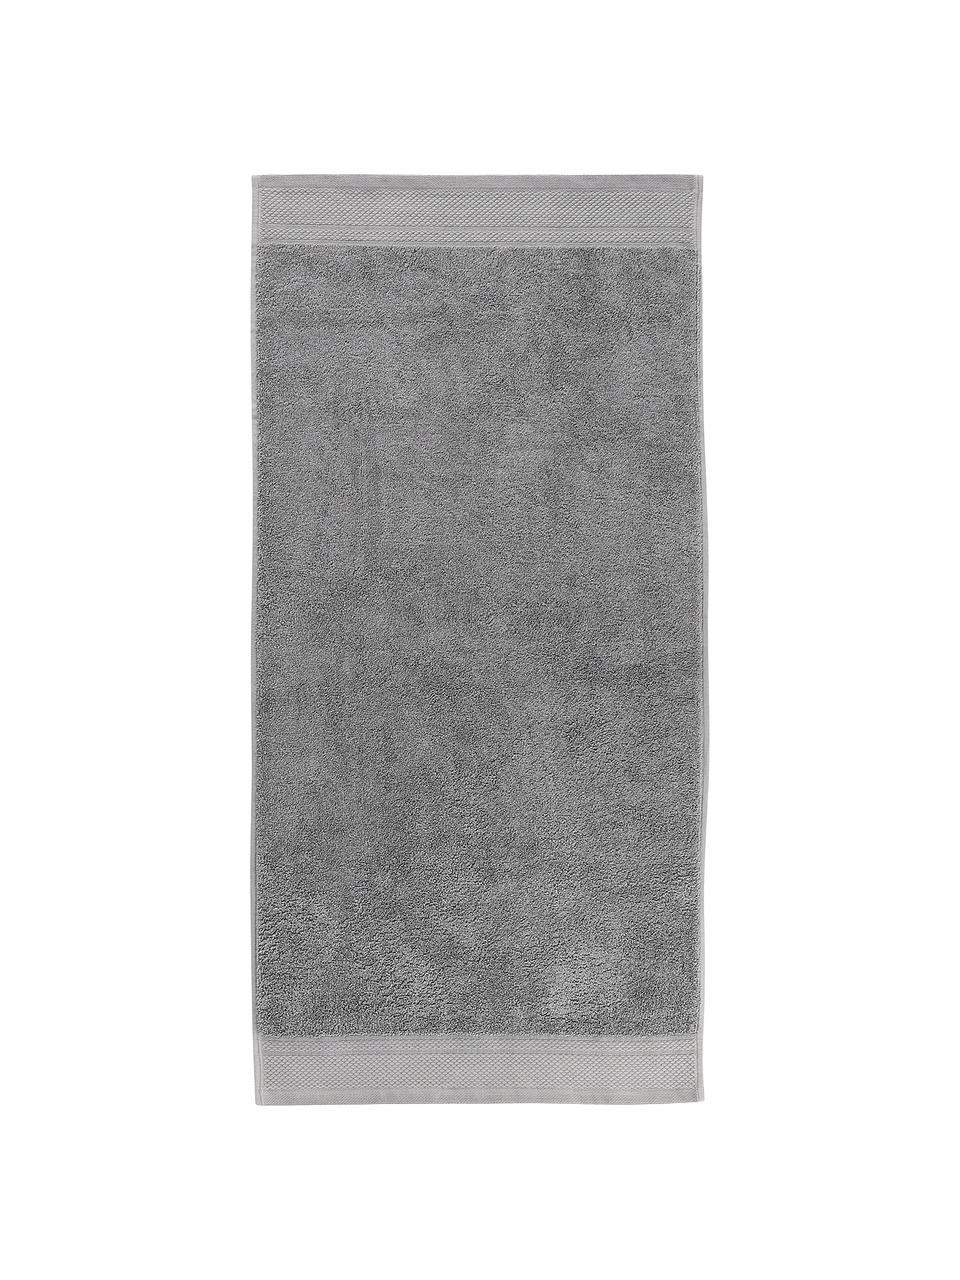 Handtuch-Set Premium mit klassischer Zierbordüre, 3-tlg., Dunkelgrau, Set mit verschiedenen Größen